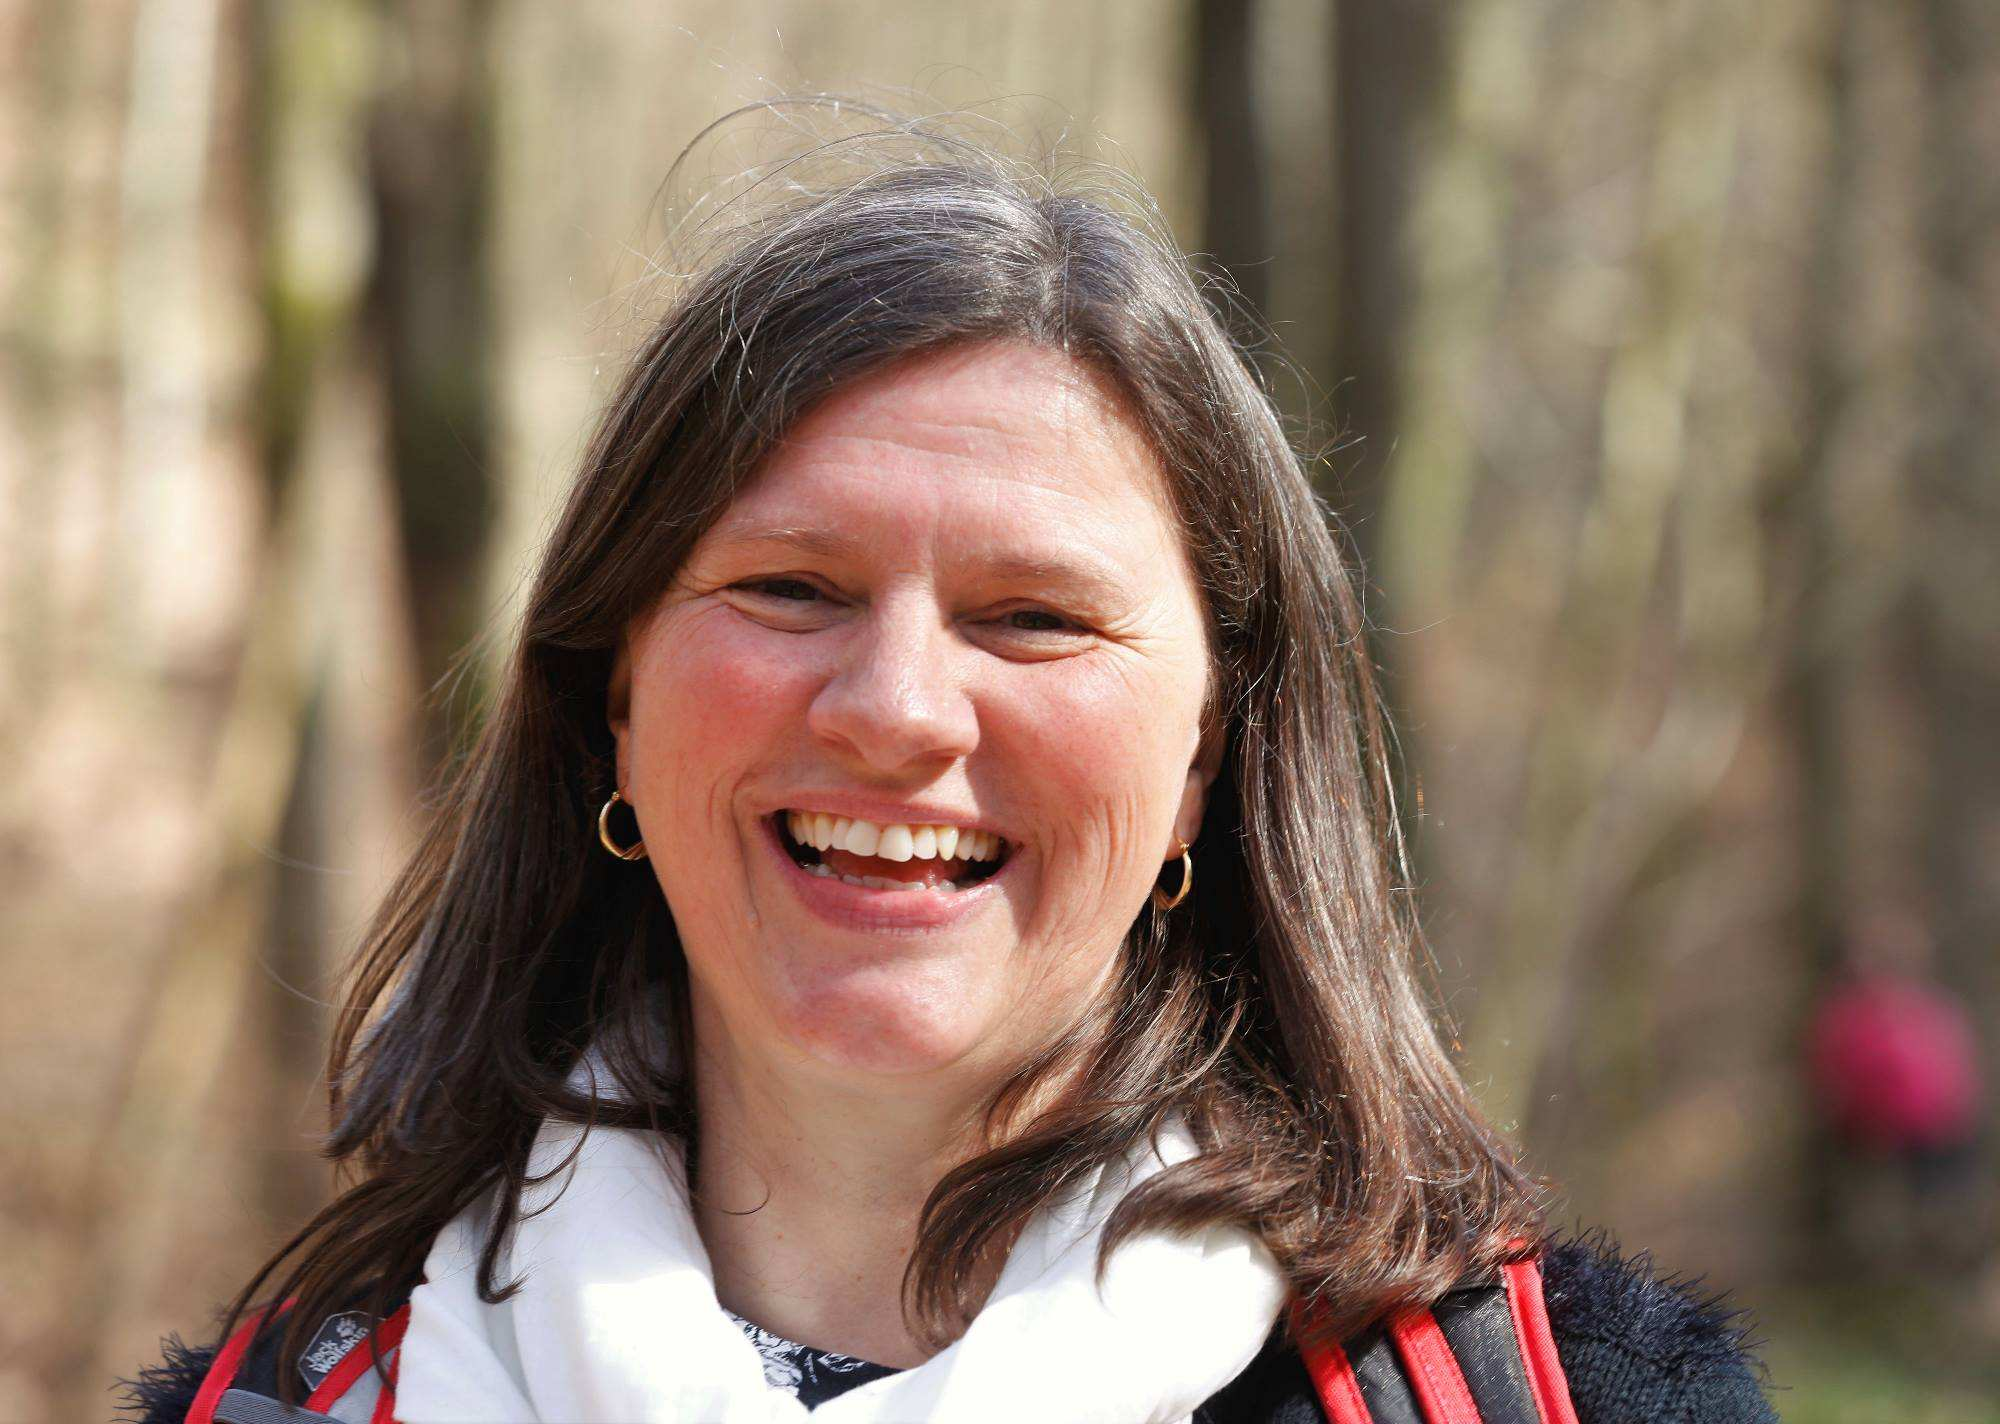 Annette Bernjus